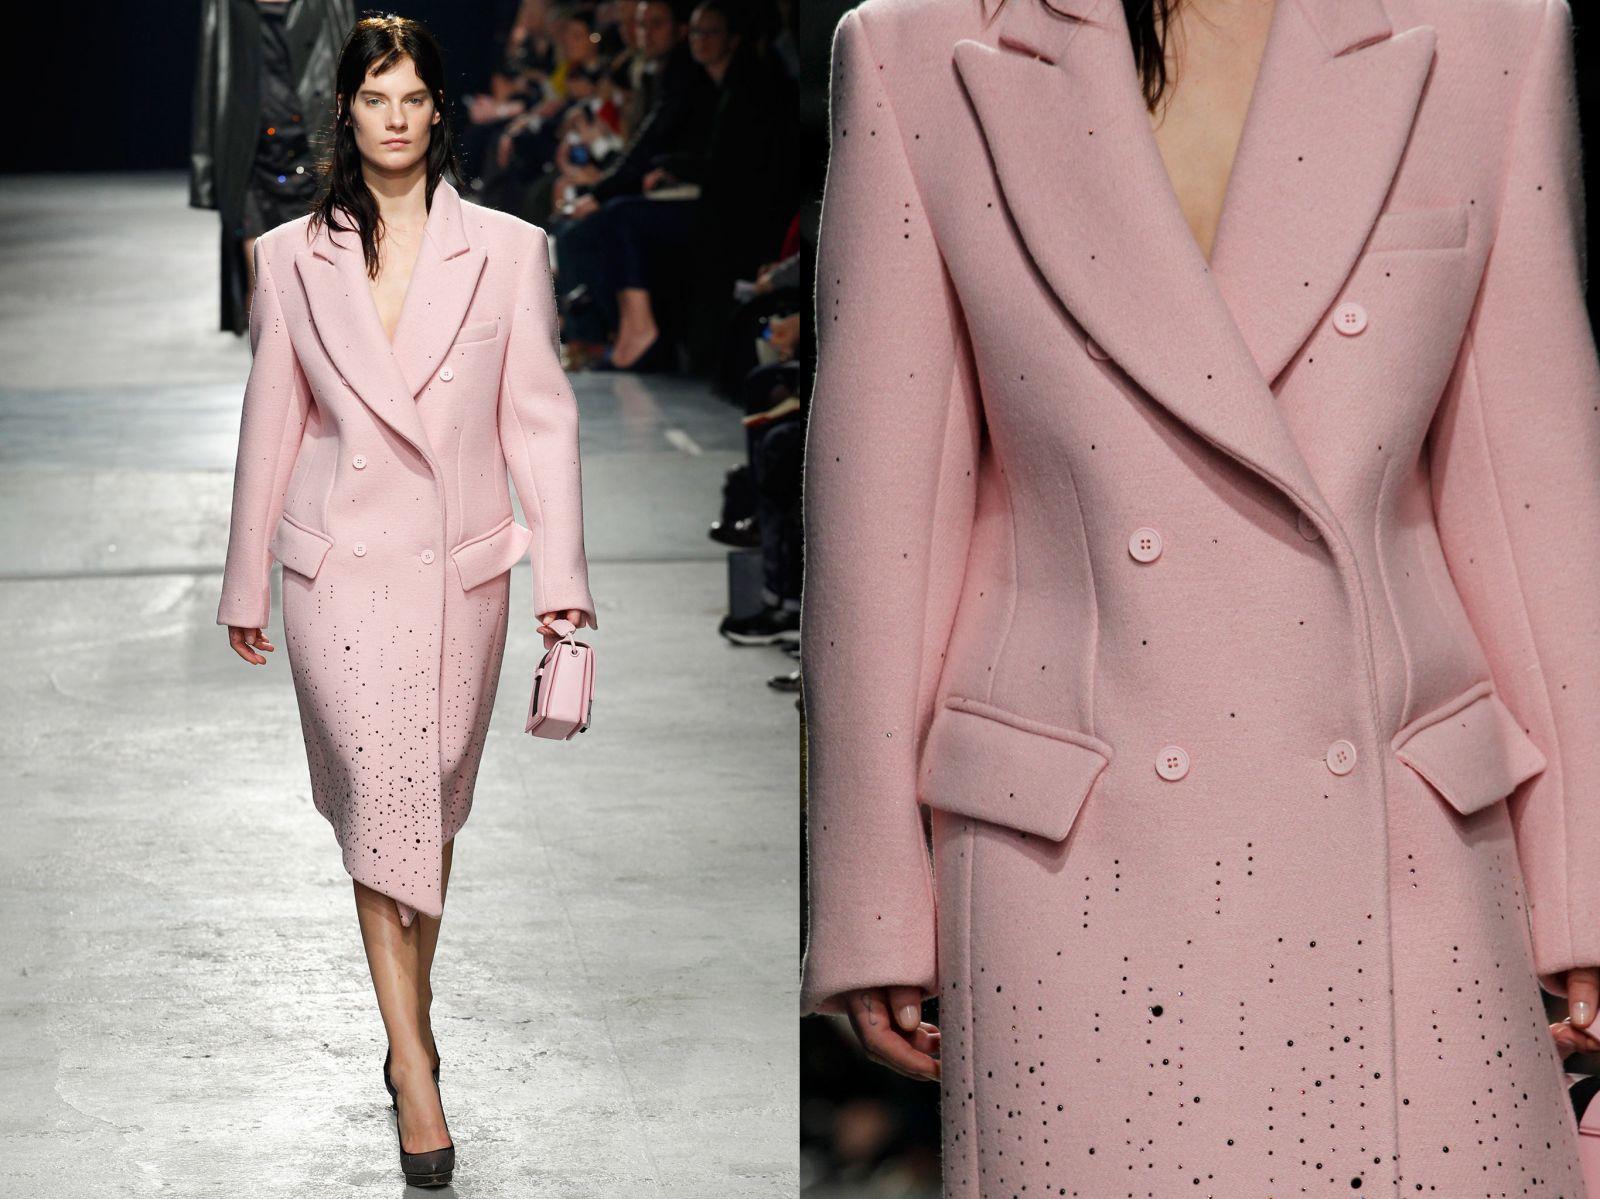 Розовое пальто Christopher Kane - фото №1